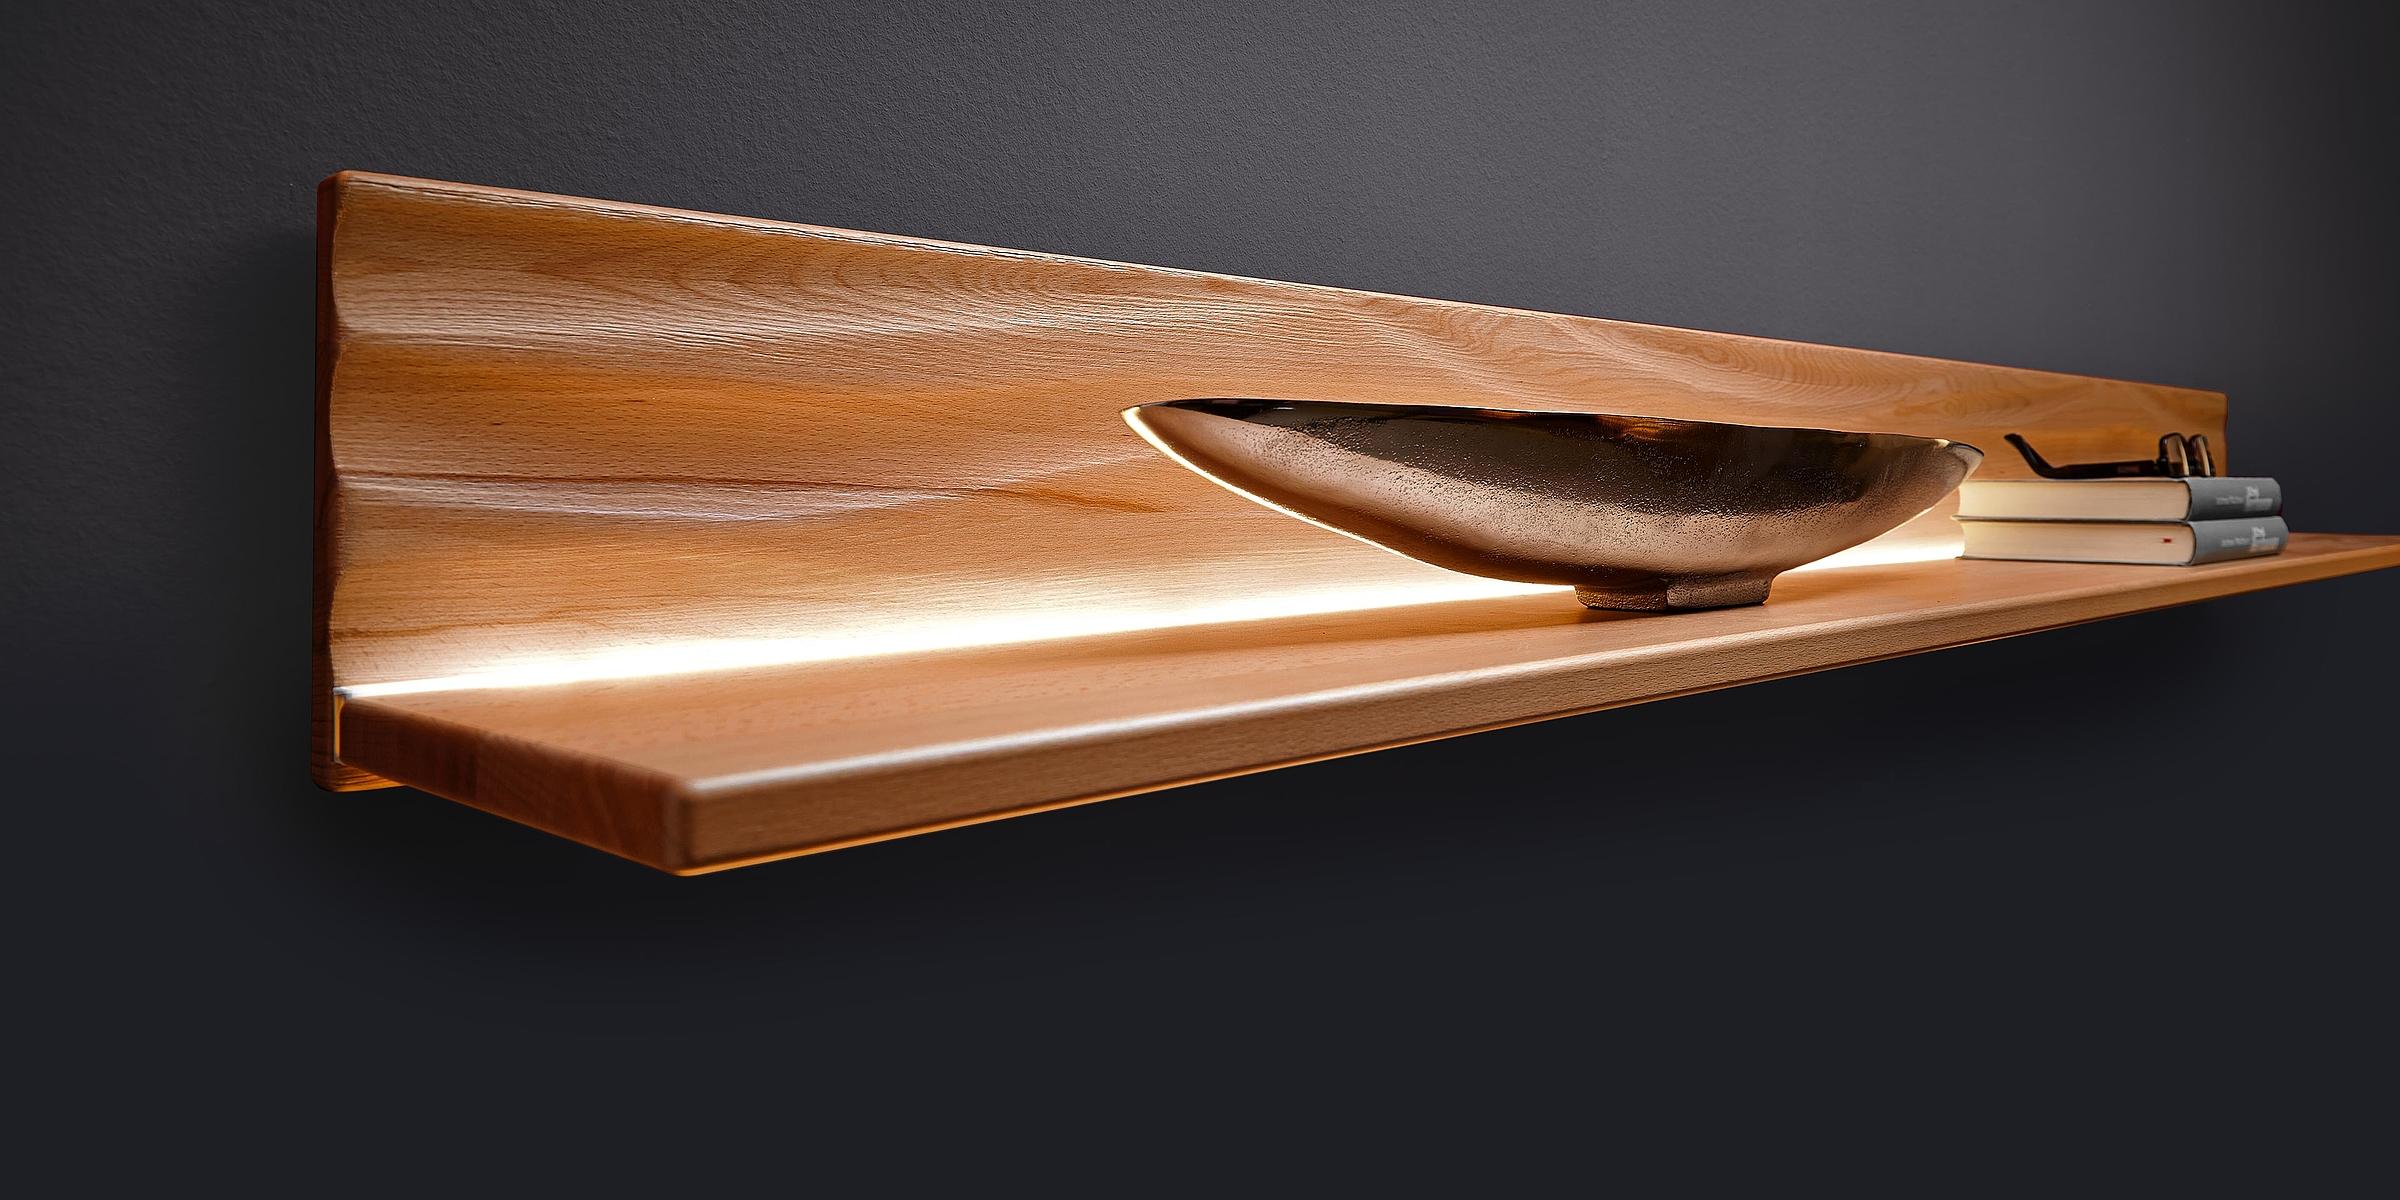 RMW Wandboard Massivholz